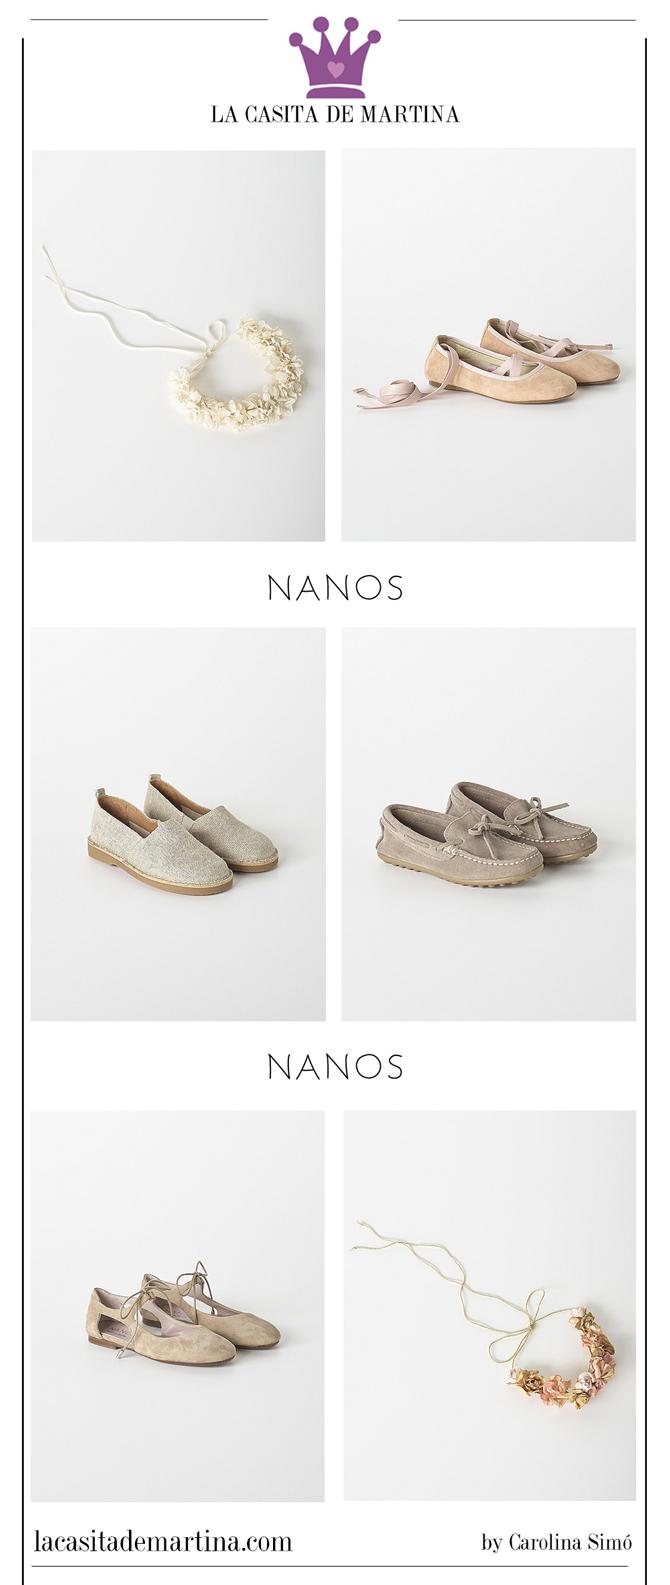 Vestidos de comunion, Nanos, blog de moda infantil, la casita de martina, 5